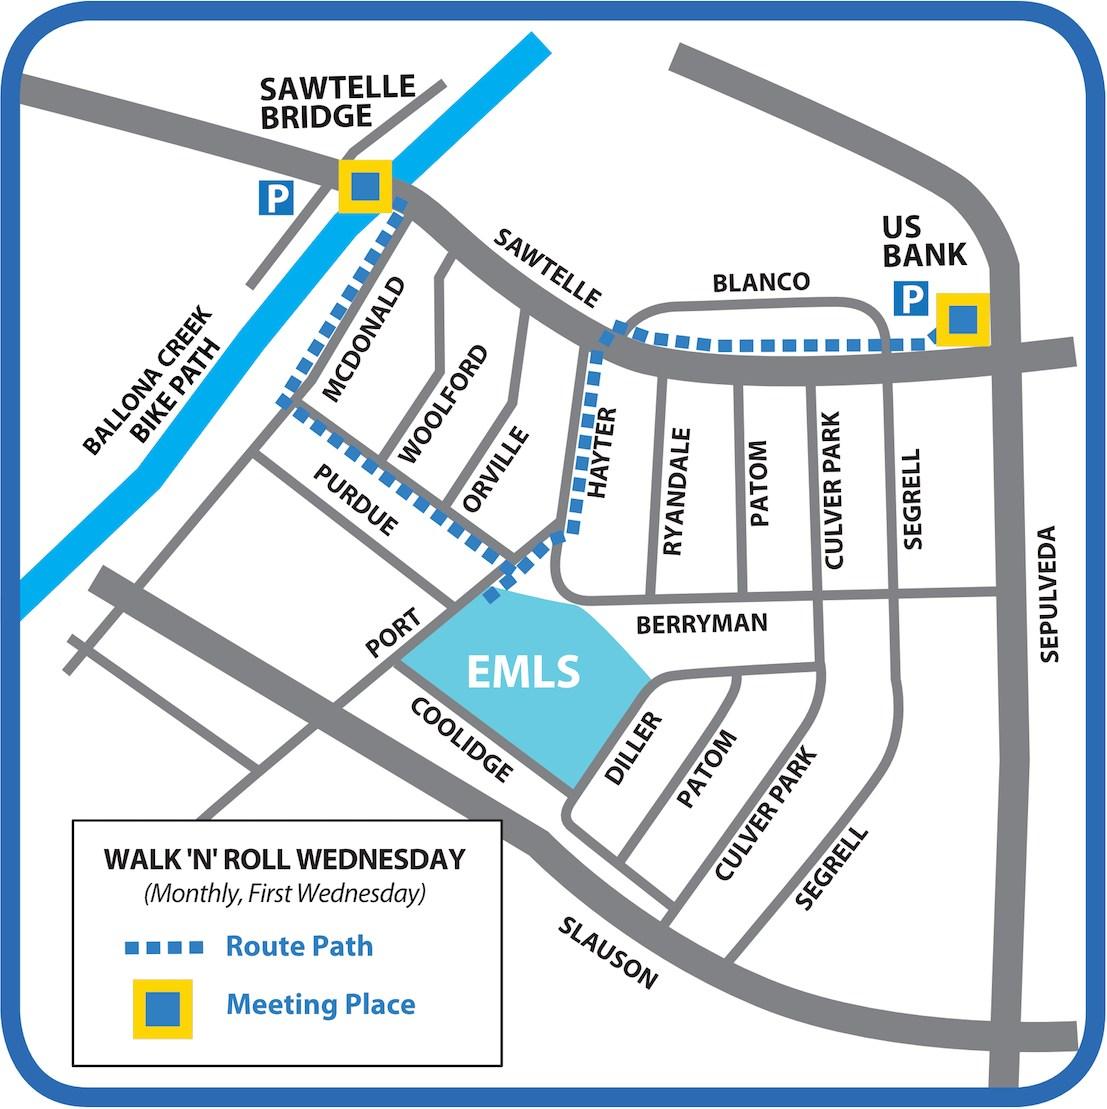 Walk 'n' Roll Wednesday Map